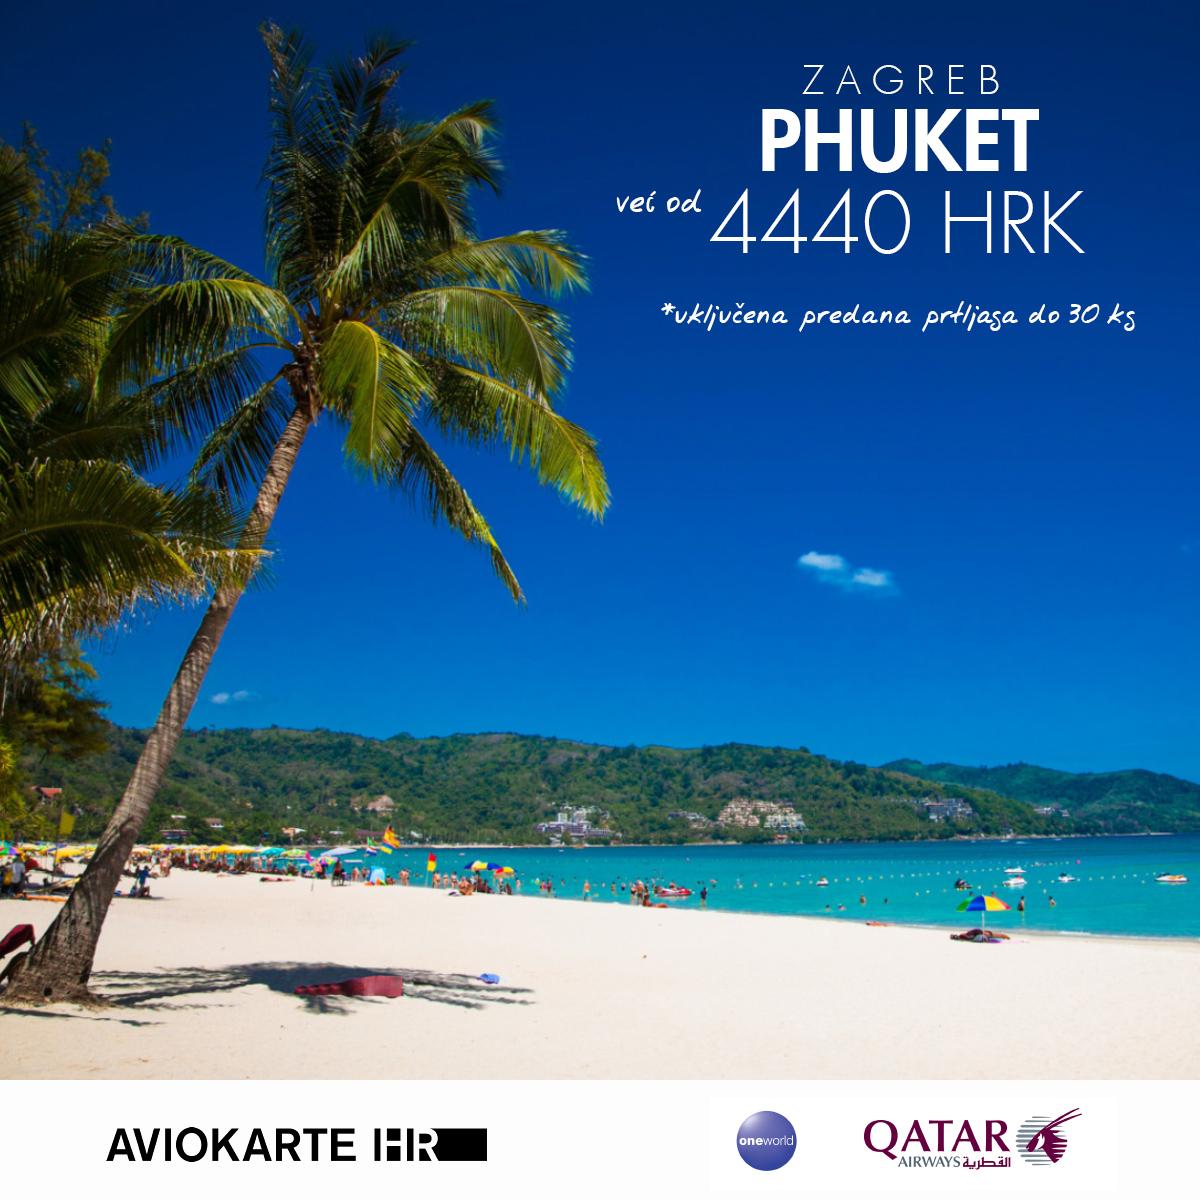 Phuket vizual, Phuketveć od 1400 kuna, Phuket jeftine avio karte, putovanje za Phuket